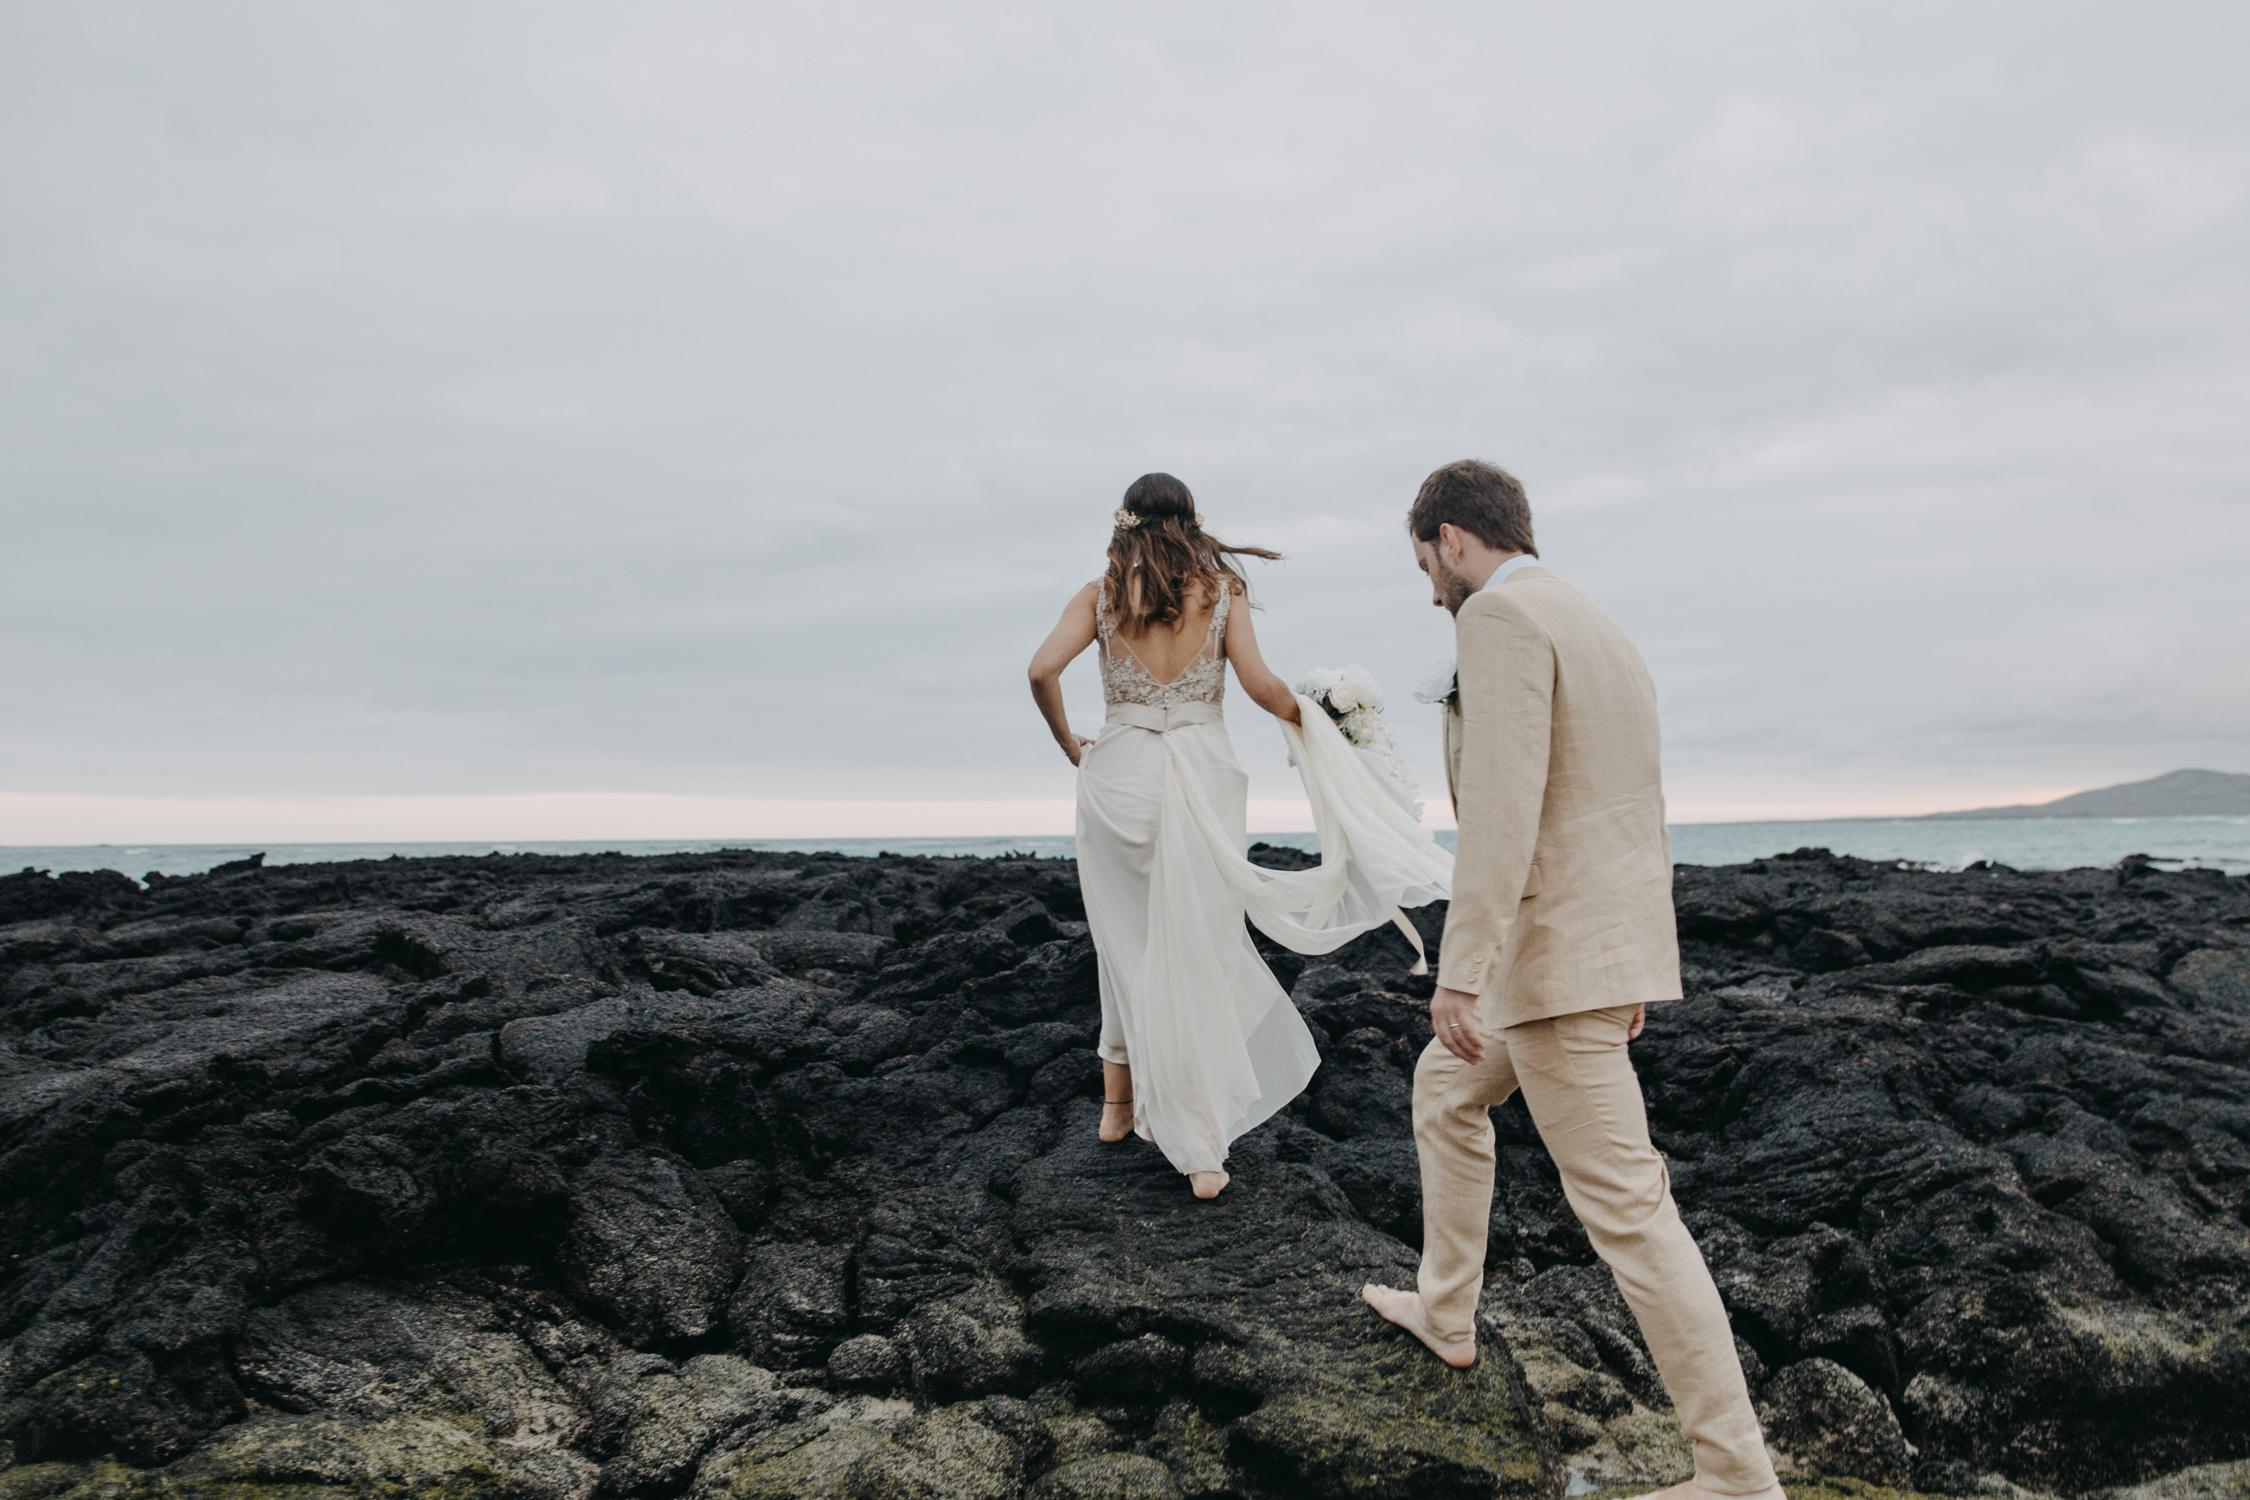 Michelle-Agurto-Fotografia-Bodas-Ecuador-Destination-Wedding-Photographer-Galapagos-Andrea-Joaquin-234.JPG